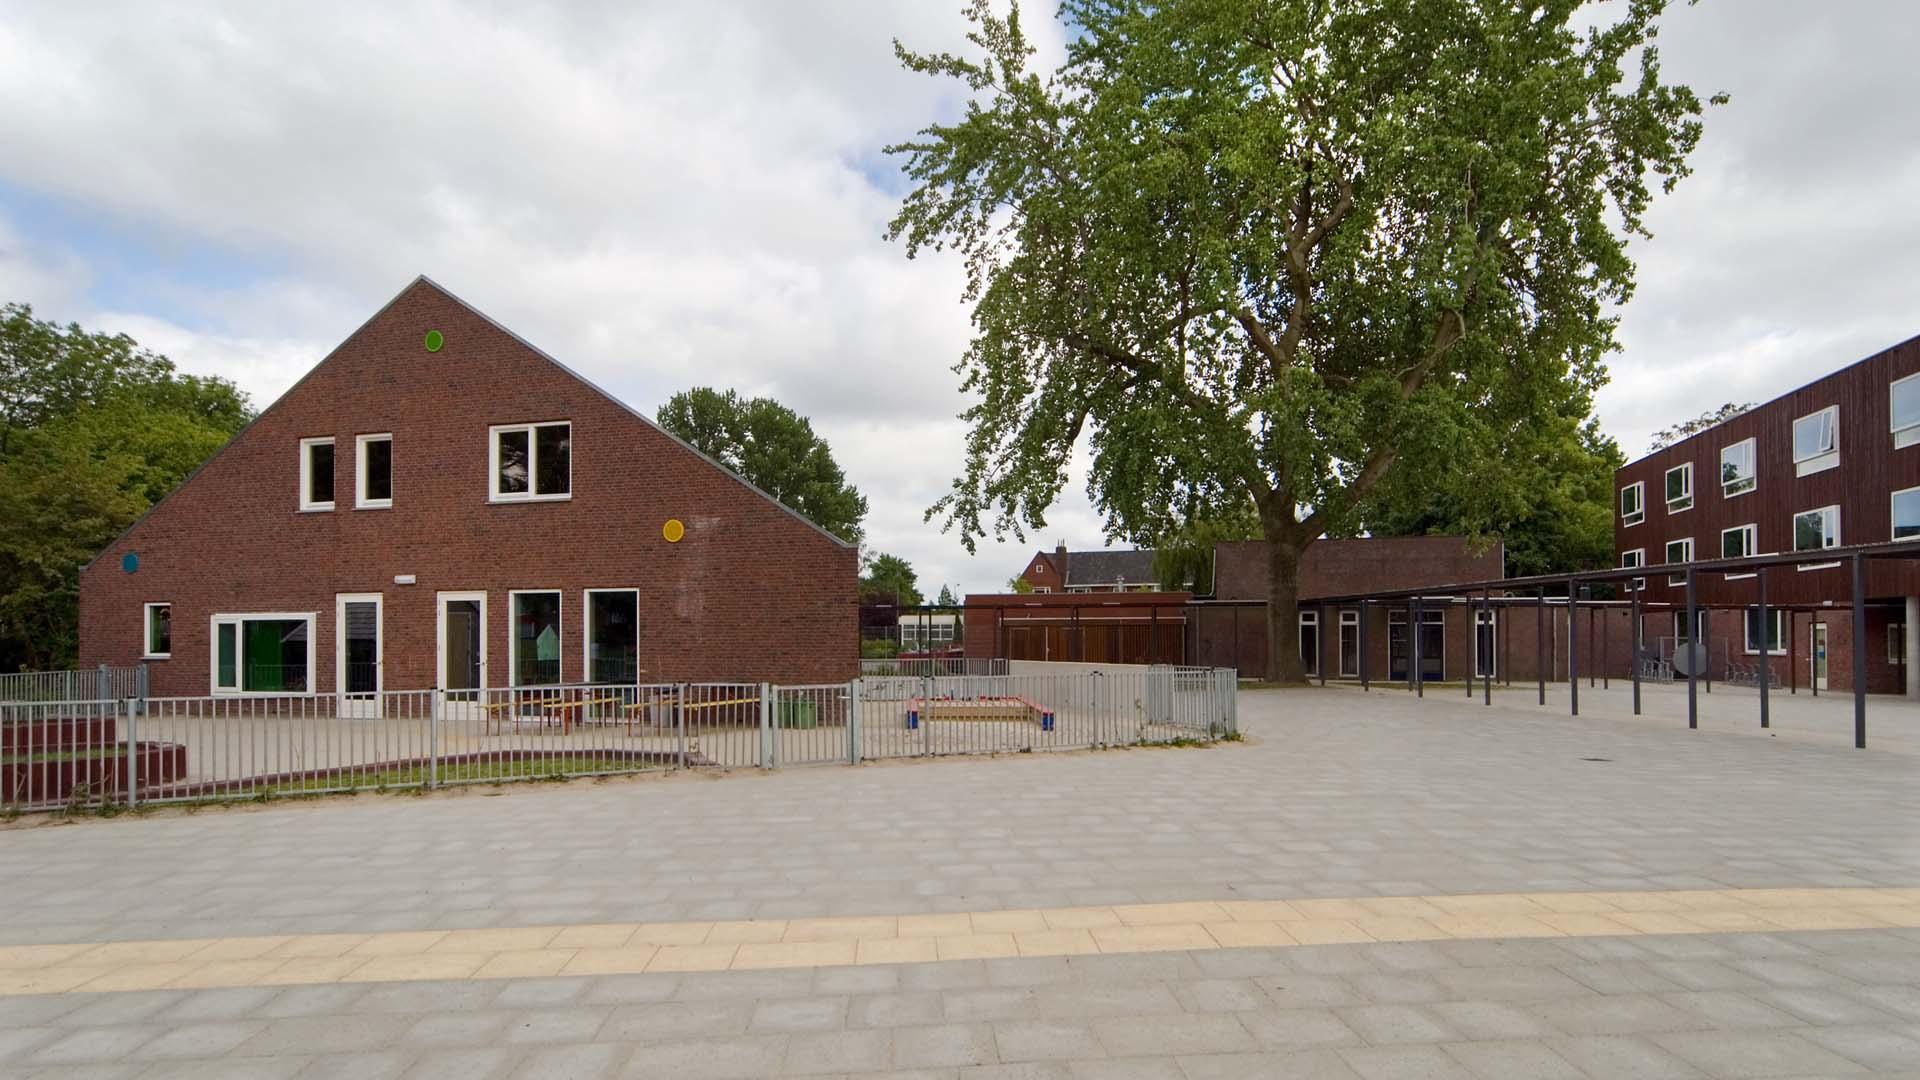 0243_Vensterschool Groningen_02